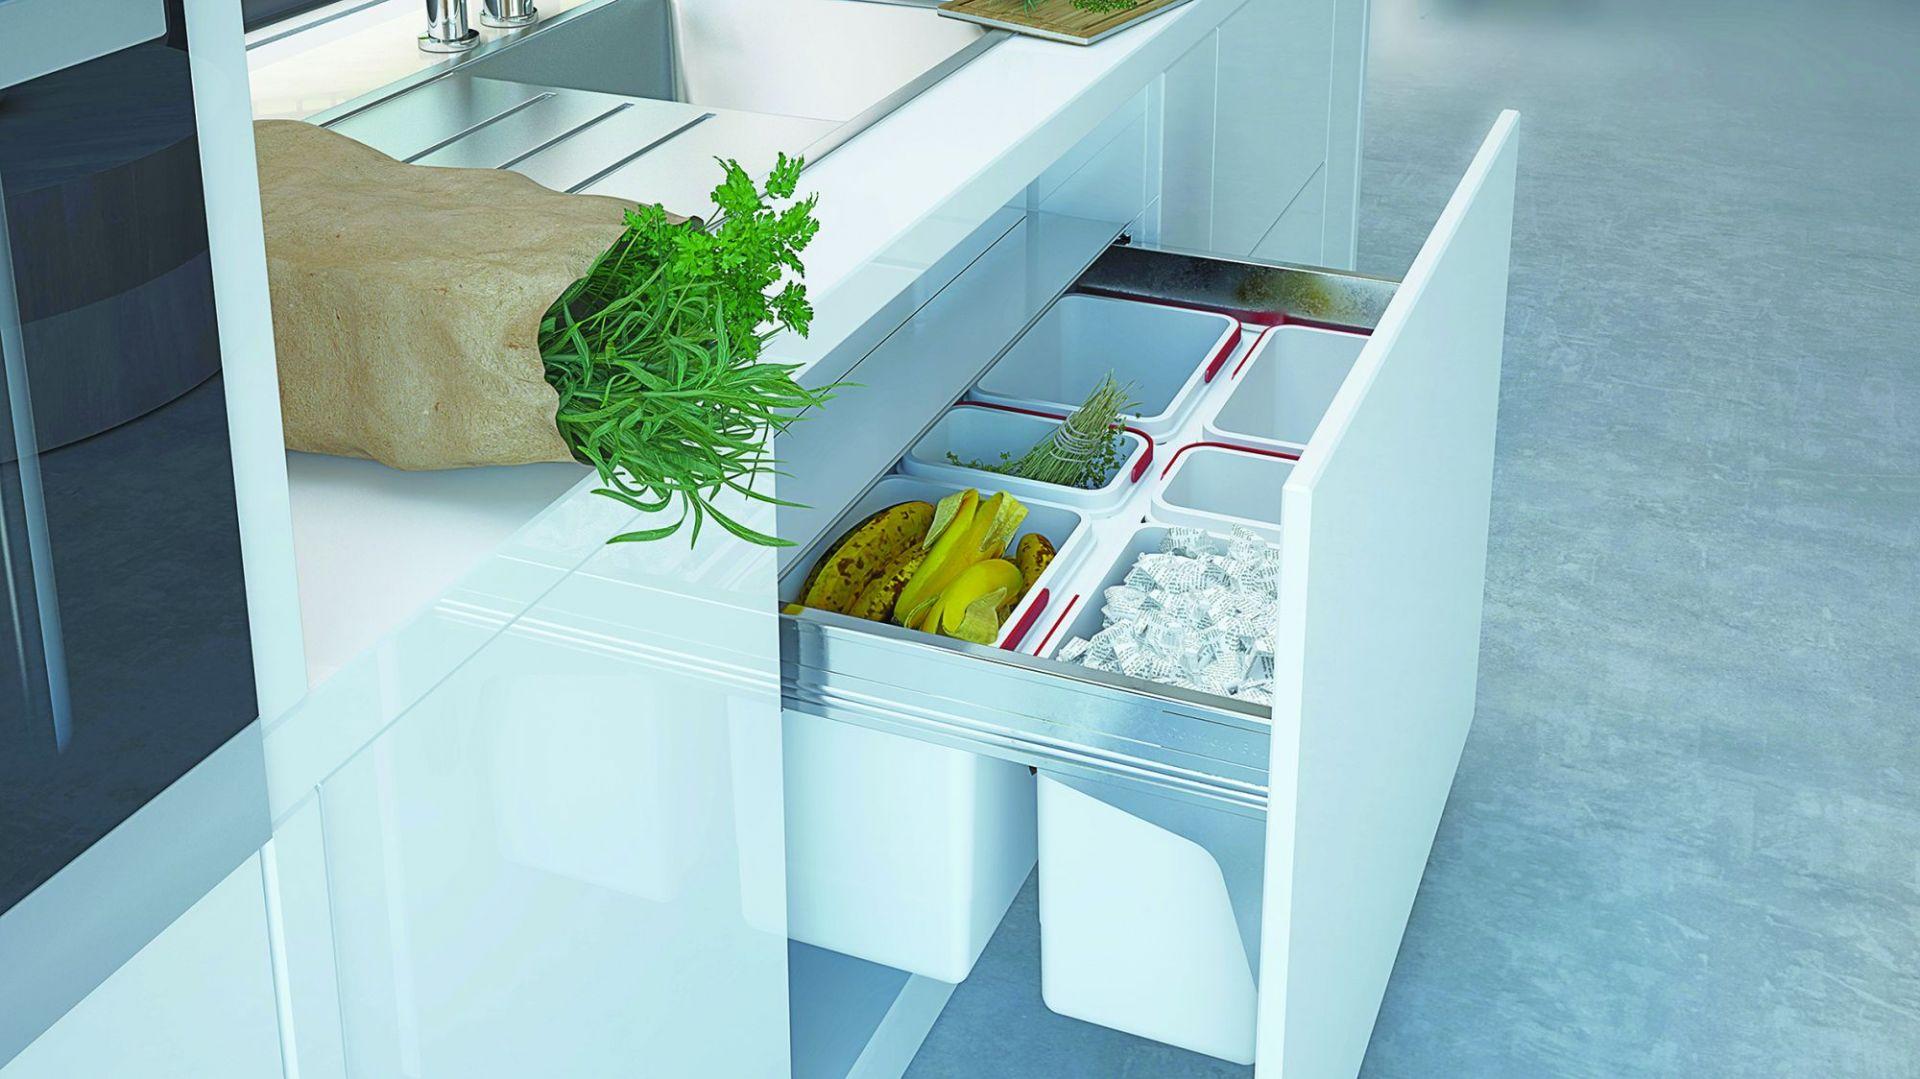 Segregacja śmieci Praktyczne Pojemniki Do Kuchni